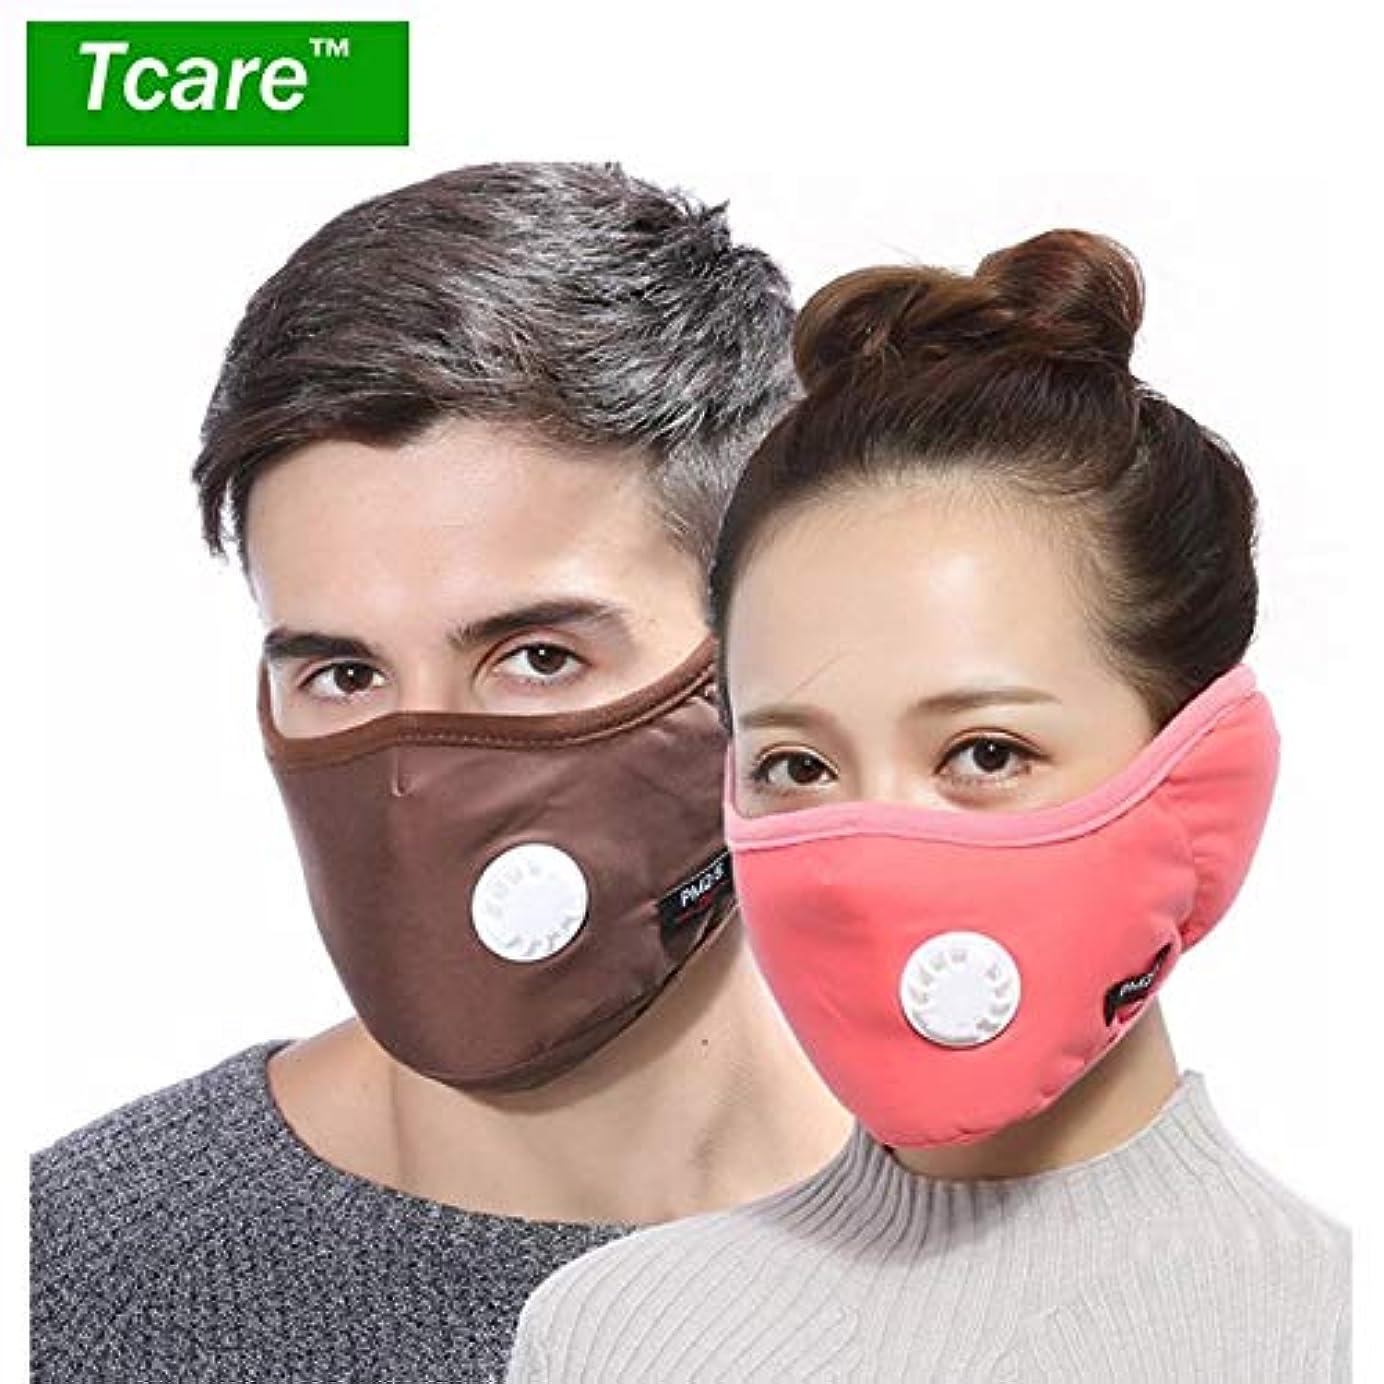 分類する裁判所財政1ブラック:1 PM2.5マスクバルブコットンアンチダスト口マスクの冬のイヤーマフActtedフィルター付マスクでTcare 2